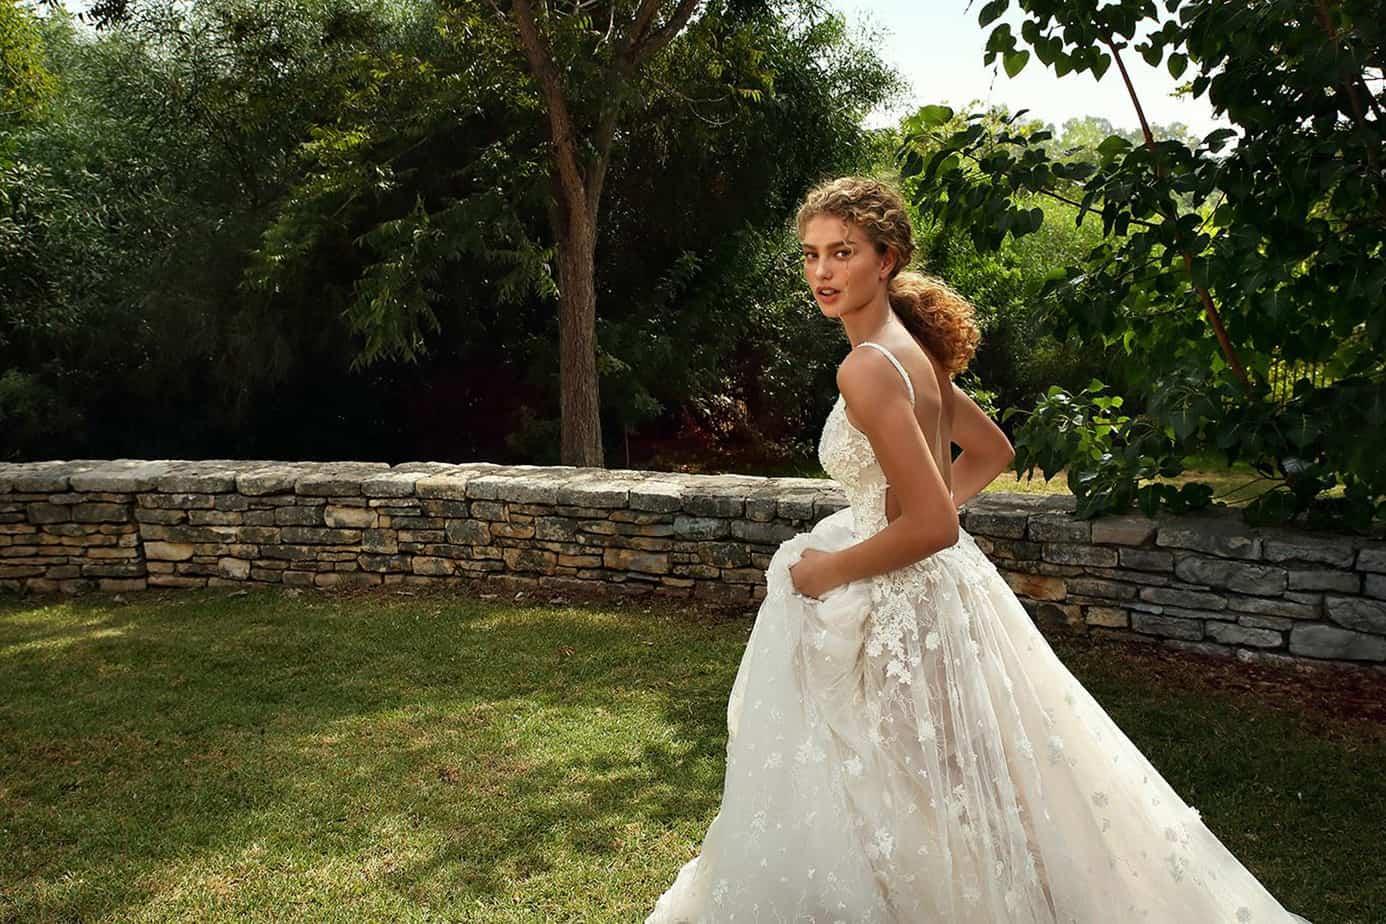 דורית ריבליס, גליה להב שמלות כלה, קולקצית גאלה חורף 19 צילום איל נבו (10)